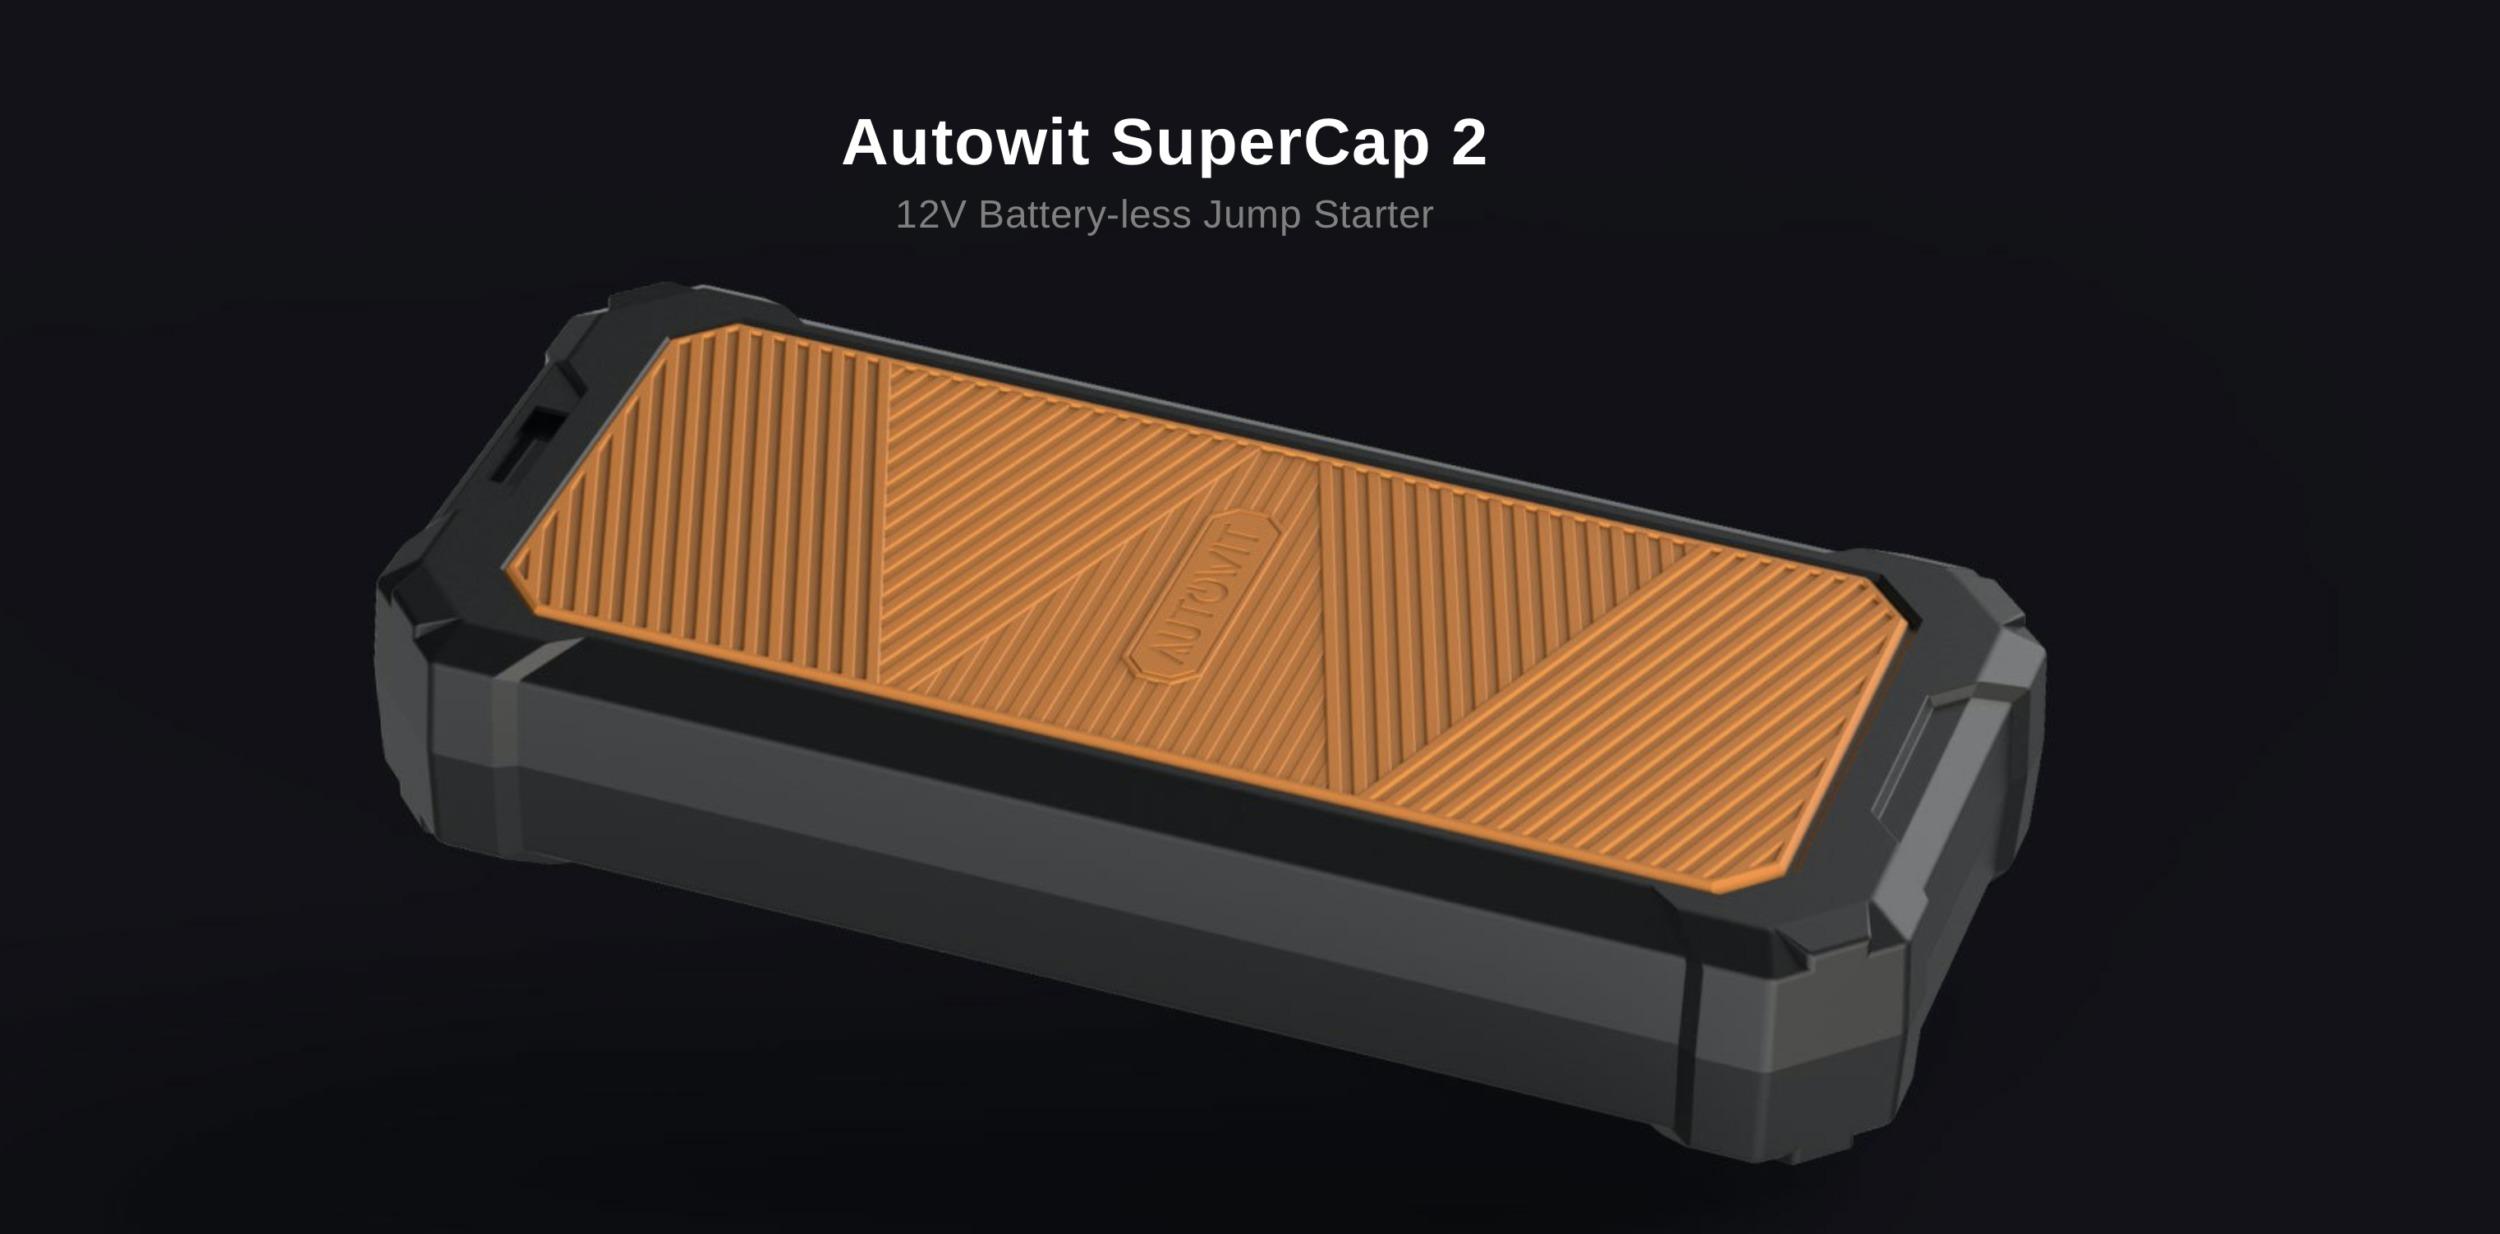 SuperCap2 nastartuje vaše vozidlo i přes vybitou baterii [sponzorovaný článek]